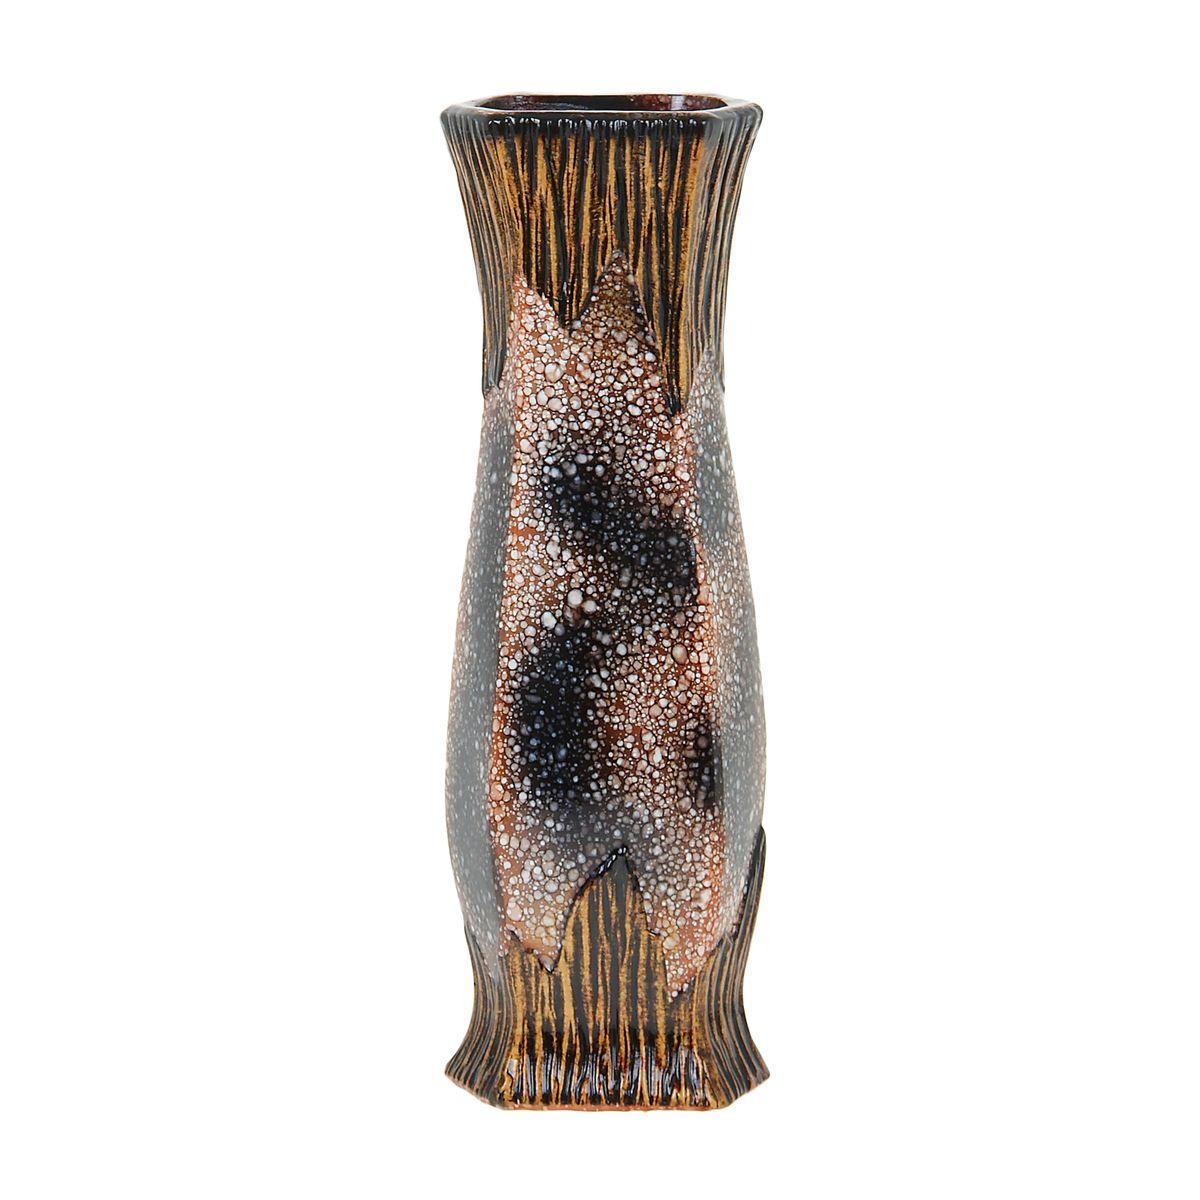 Ваза напольная Sima-land Виспа, высота 60 см851260Напольная ваза Sima-land Виспа, выполненная из керамики, станет изысканным украшением интерьера. Она предназначена как для живых, так и для искусственных цветов. Интересная форма и необычное оформление сделают эту вазу замечательным украшением интерьера. Любое помещение выглядит незавершенным без правильно расположенных предметов интерьера. Они помогают создать уют, расставить акценты, подчеркнуть достоинства или скрыть недостатки.